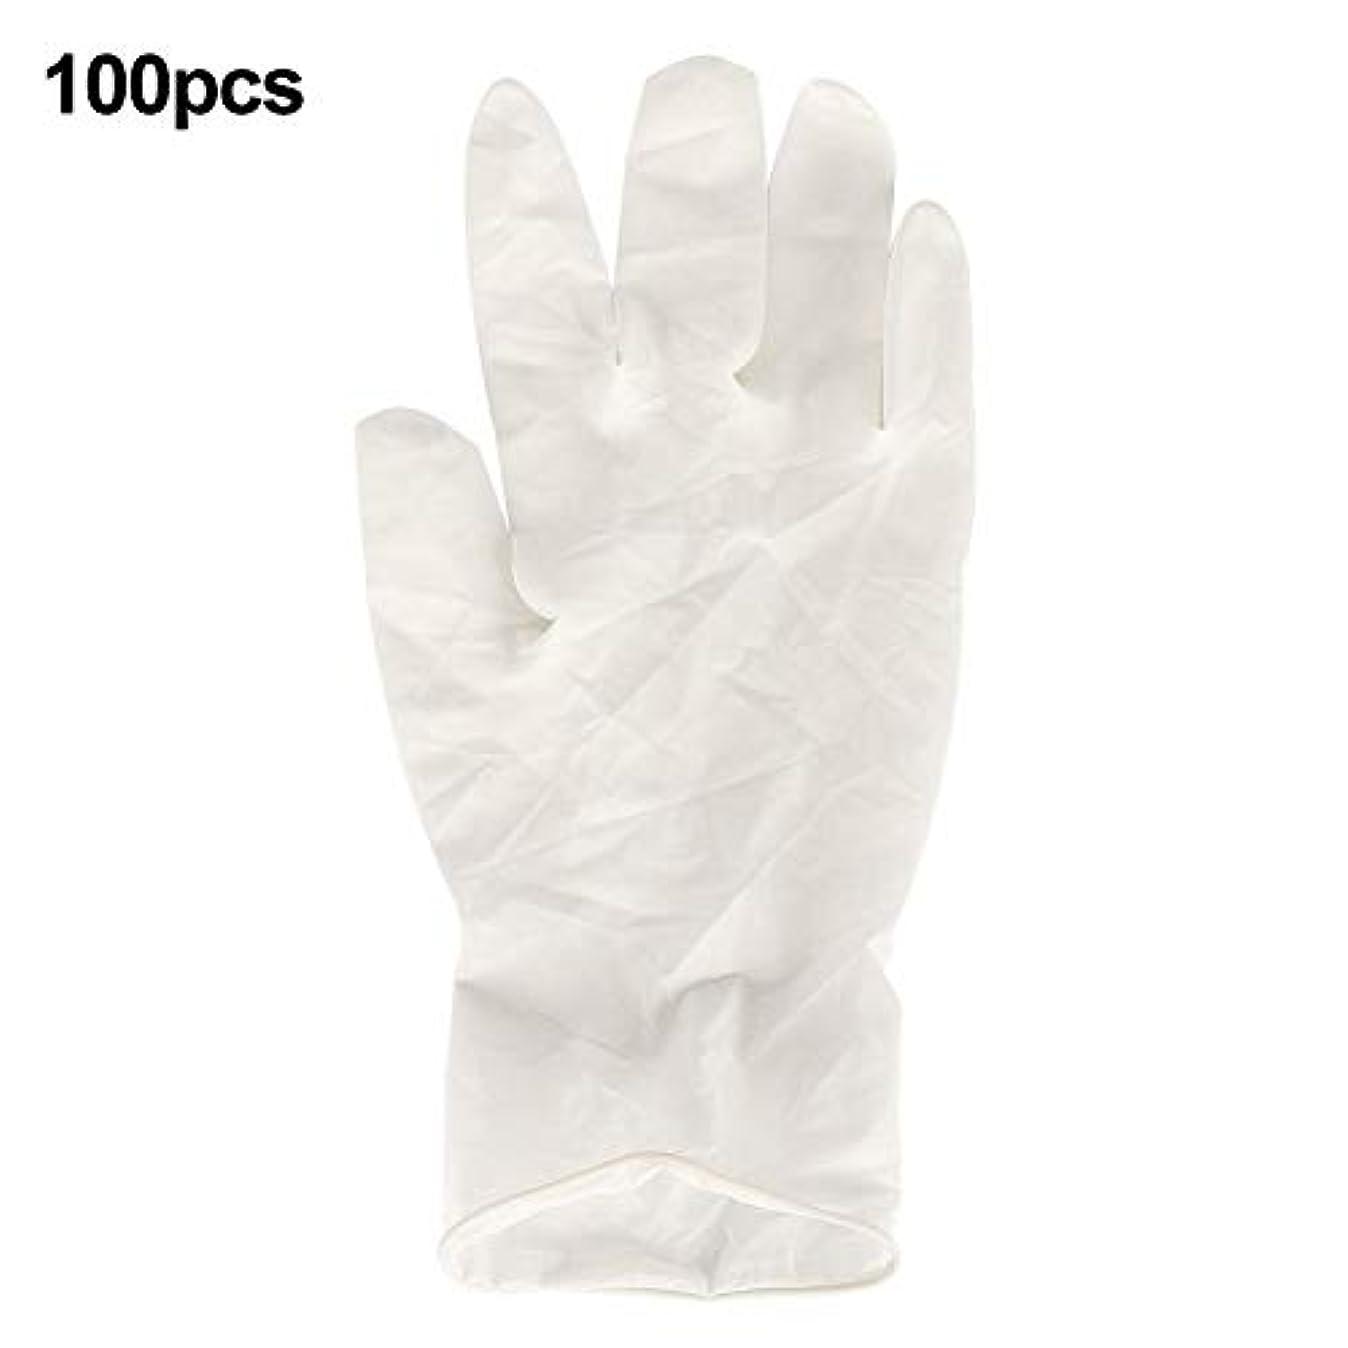 湿った影変わるQiilu ラテックス手袋 使い捨て手袋 ゴム手袋 100個(小型)